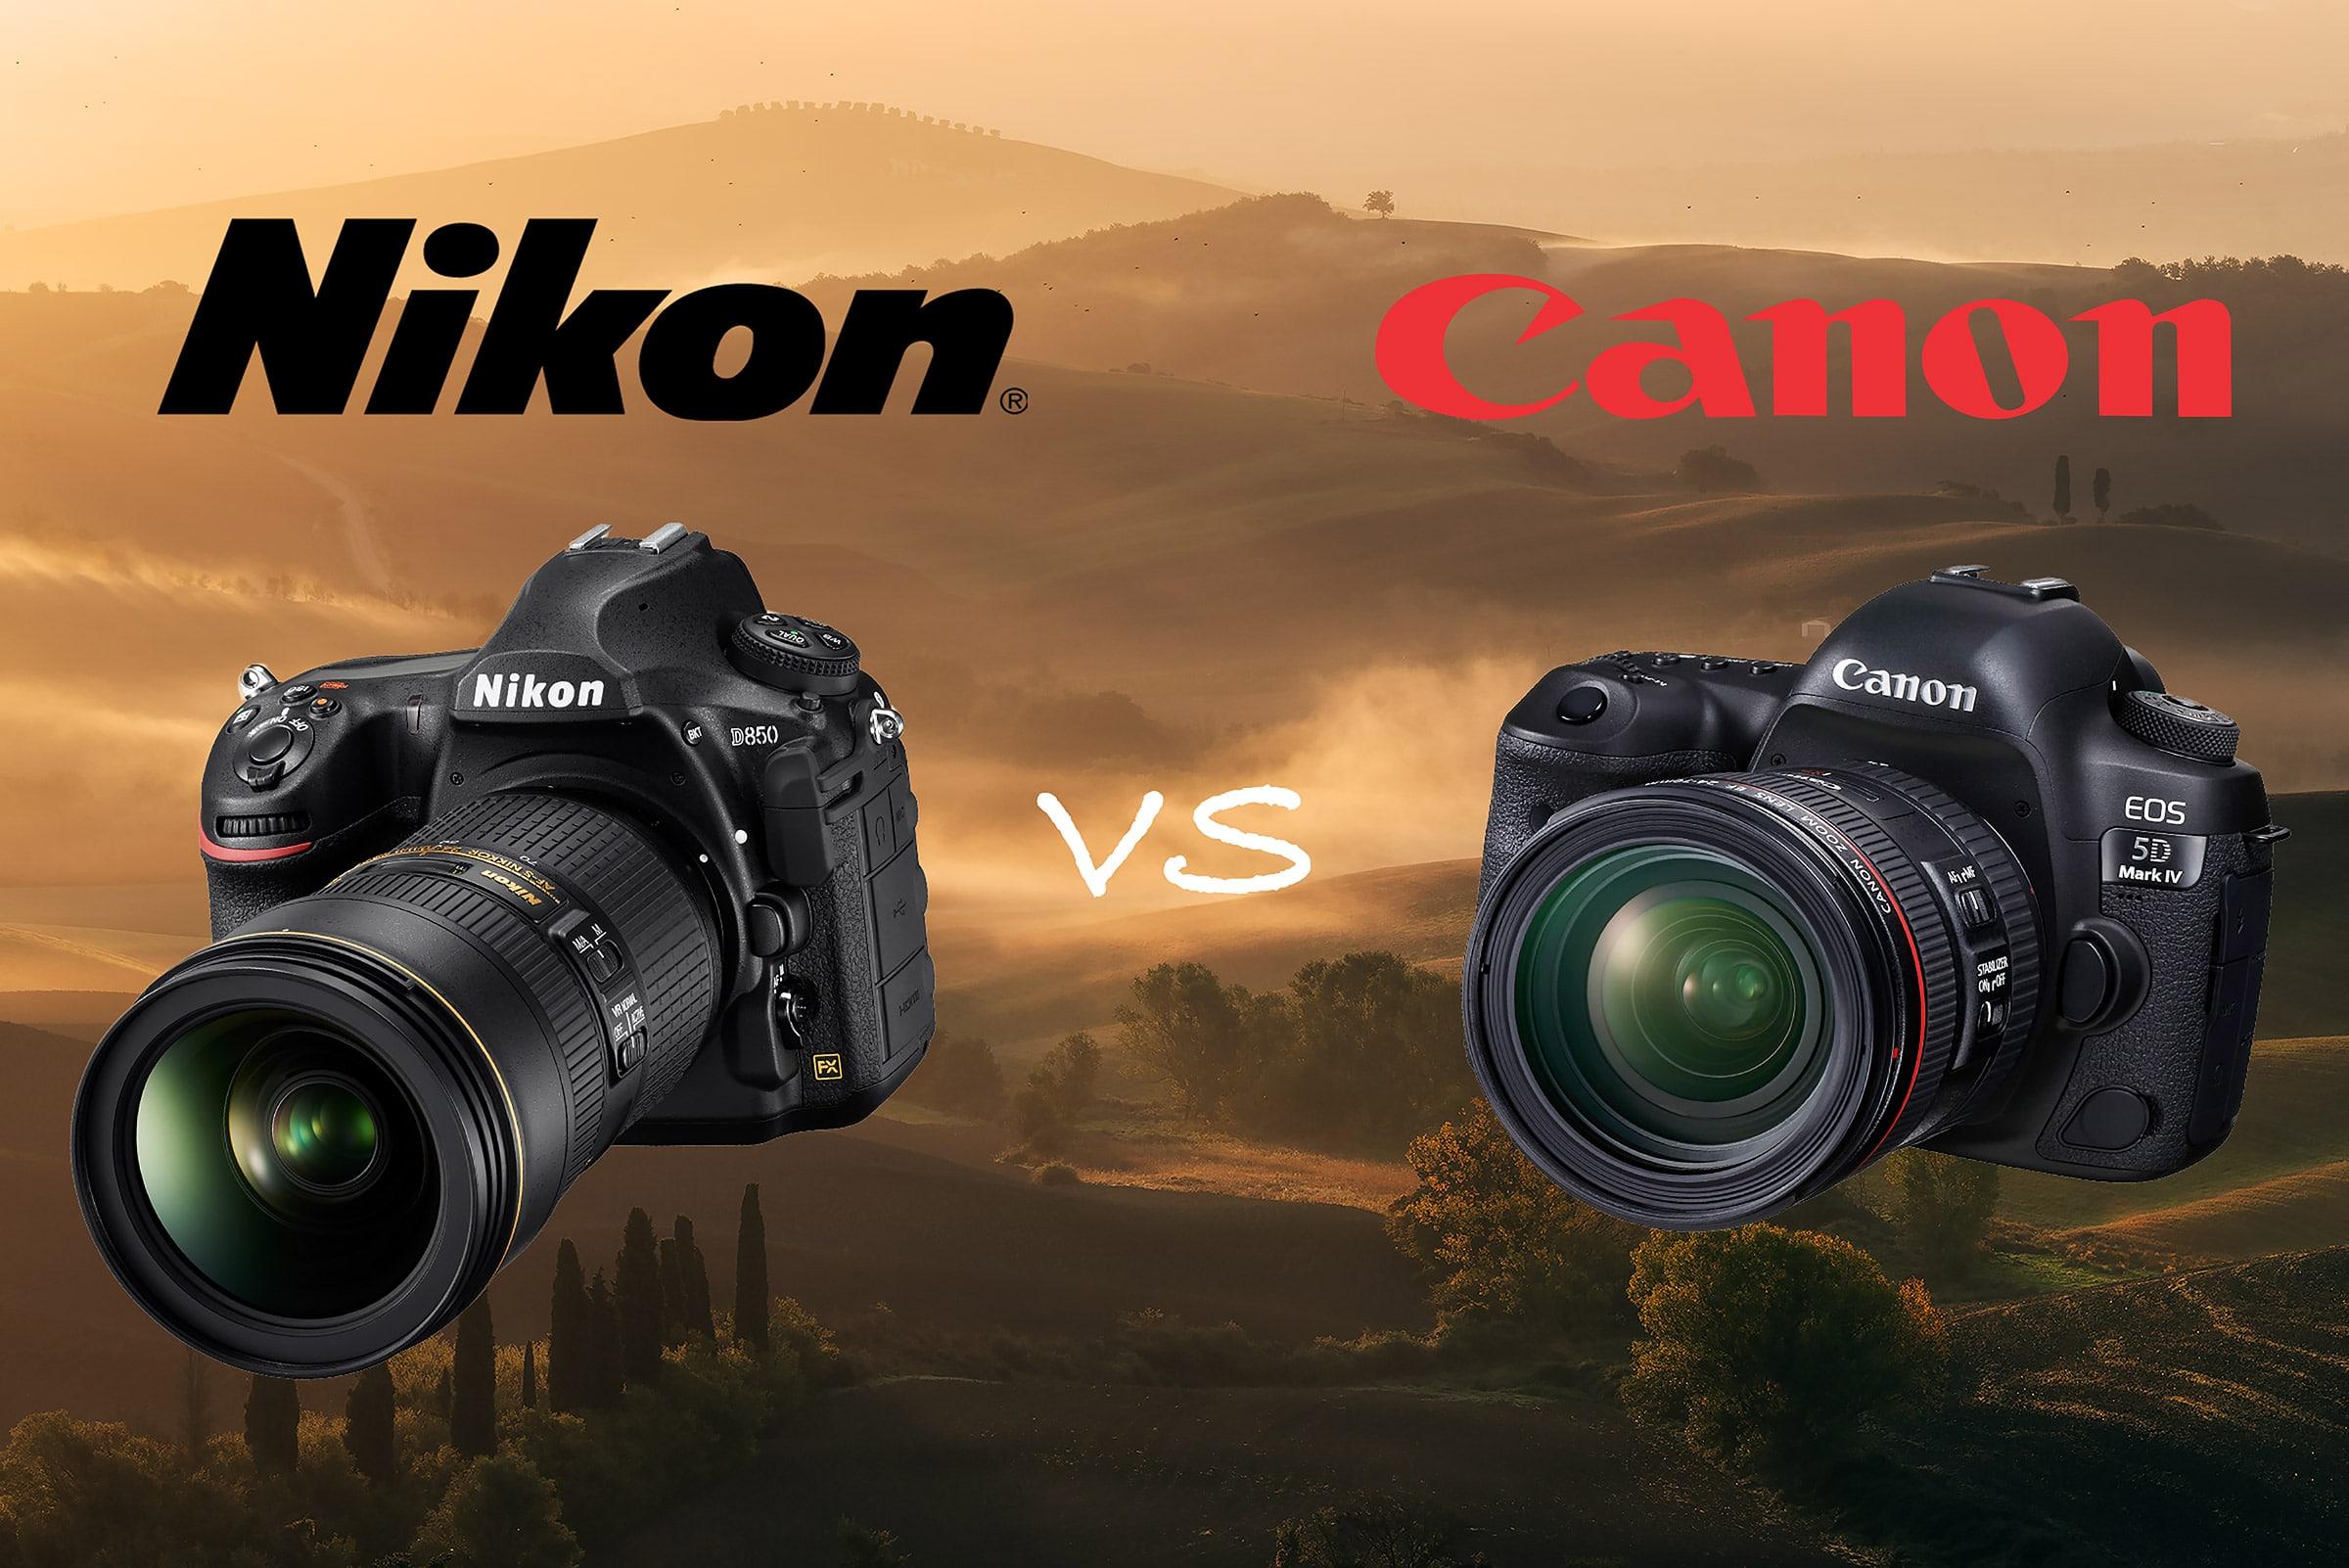 nikon vs canon comparison test